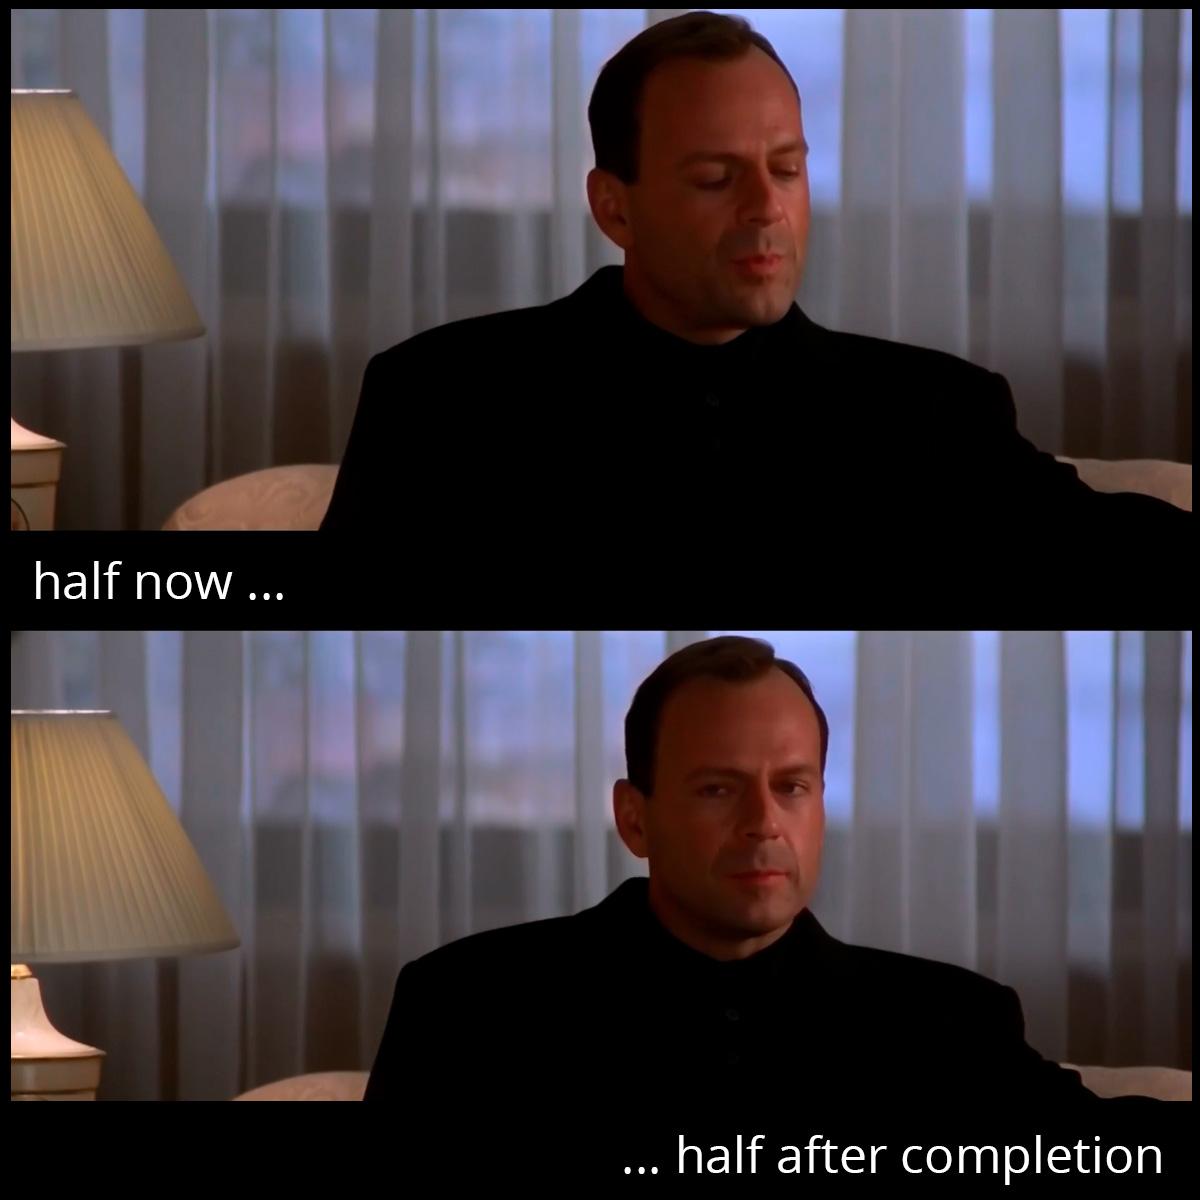 Половина сейчас, половина после исполнения. Принцип оплаты работы дизайнера от Дизайн-сервис